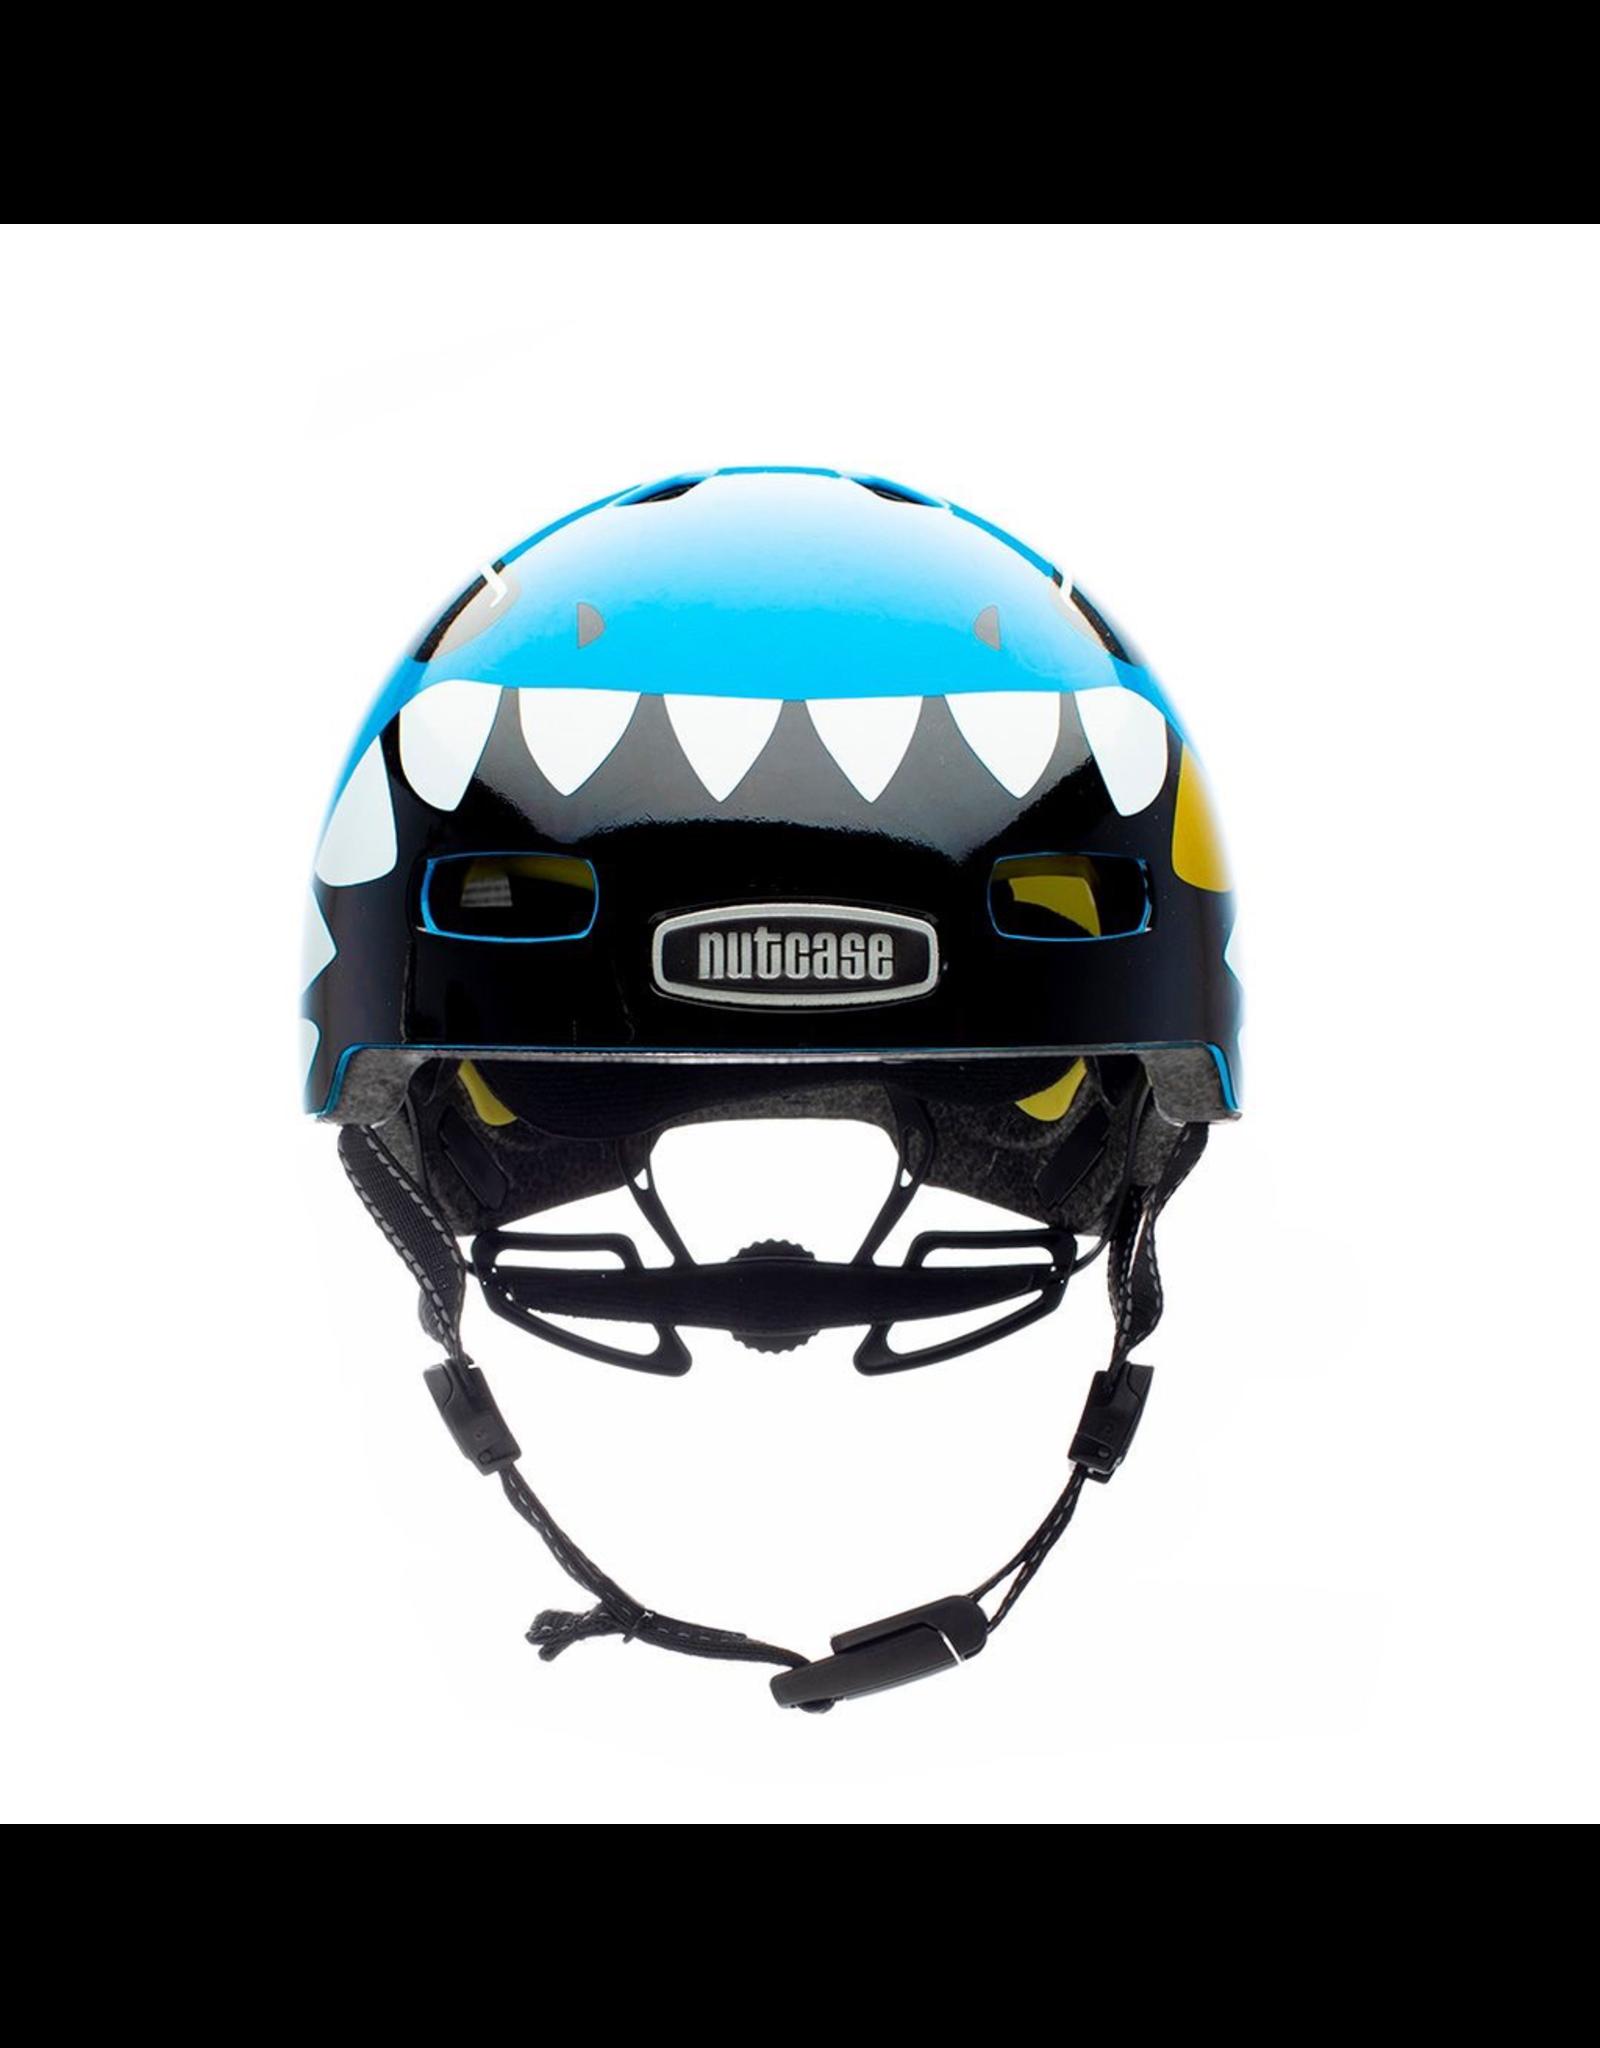 Nutcase Little Nutty Lil' Jaws Metallic Mips Helmet  - Y